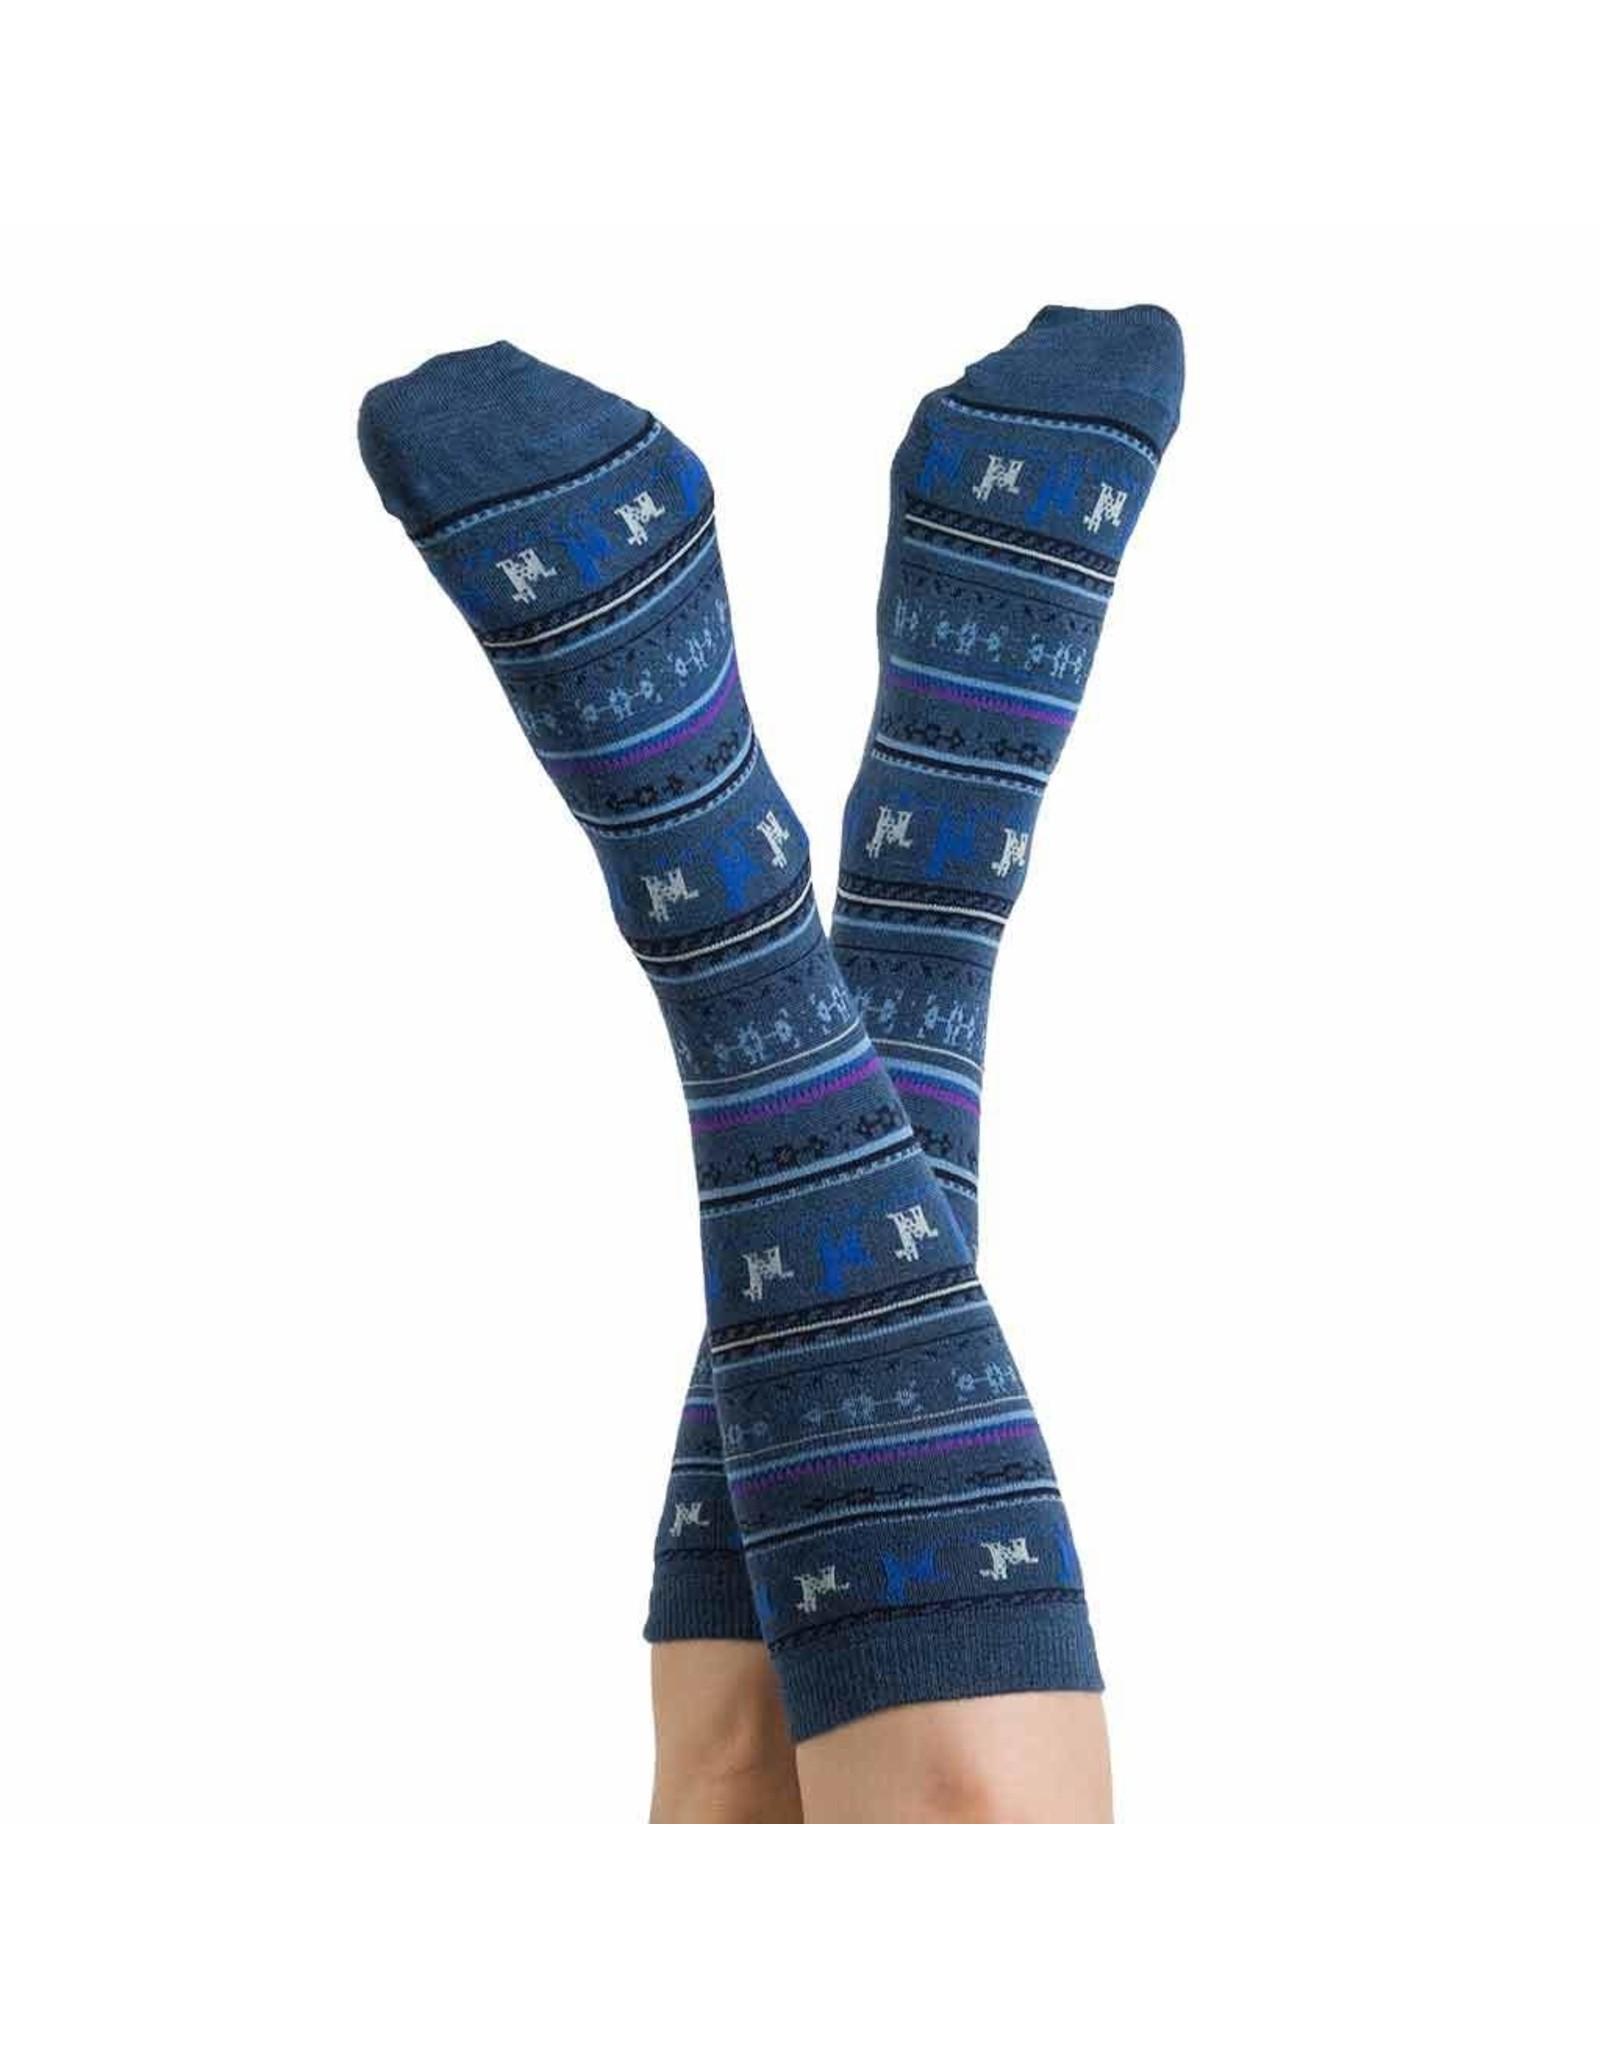 Alpaca PK 70% Alpaca Dress Socks - Denim